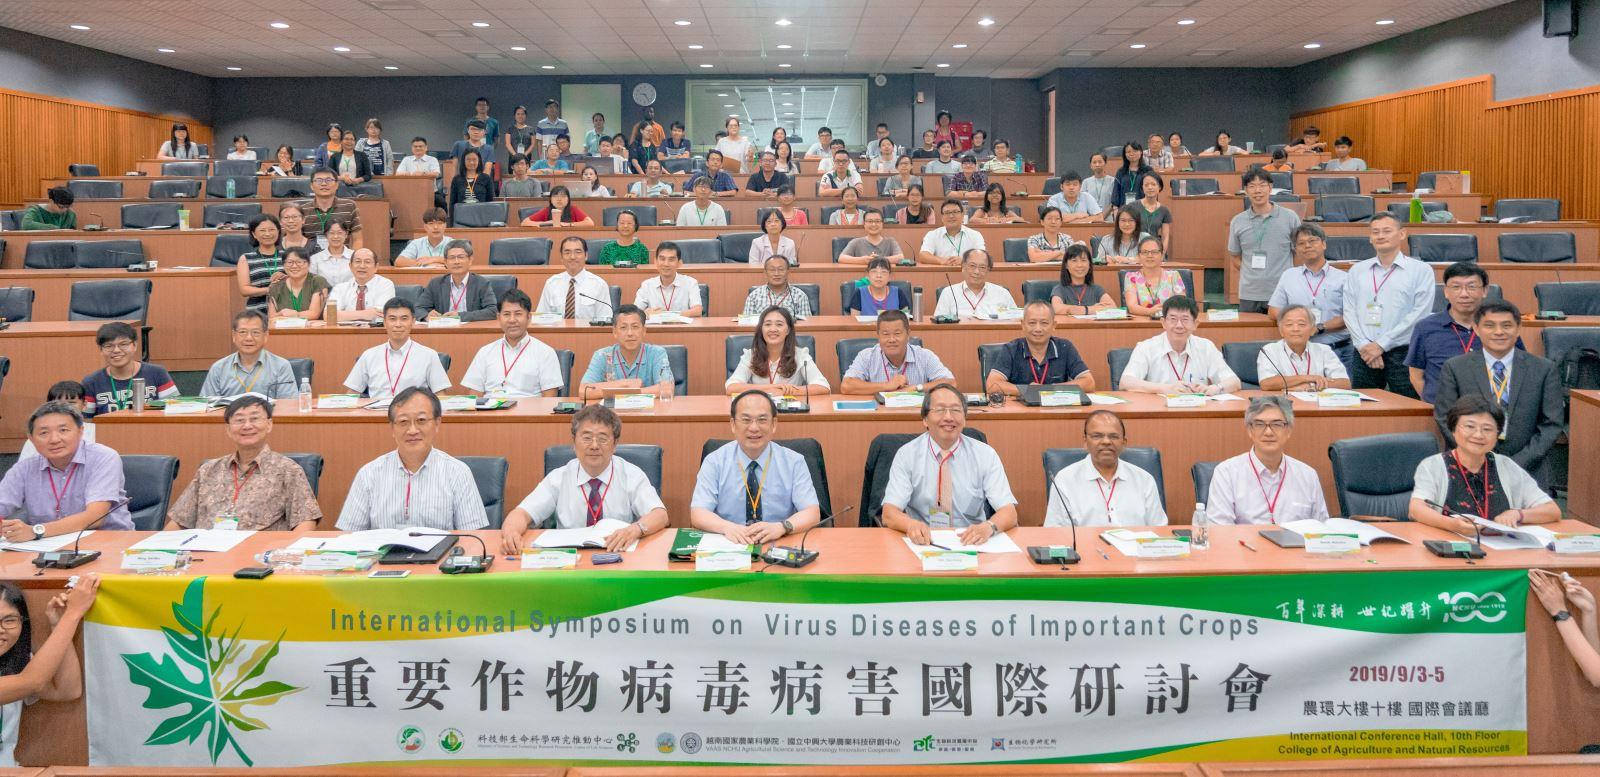 2019.09.03-09.05「重要作物病毒病害國際研討會」